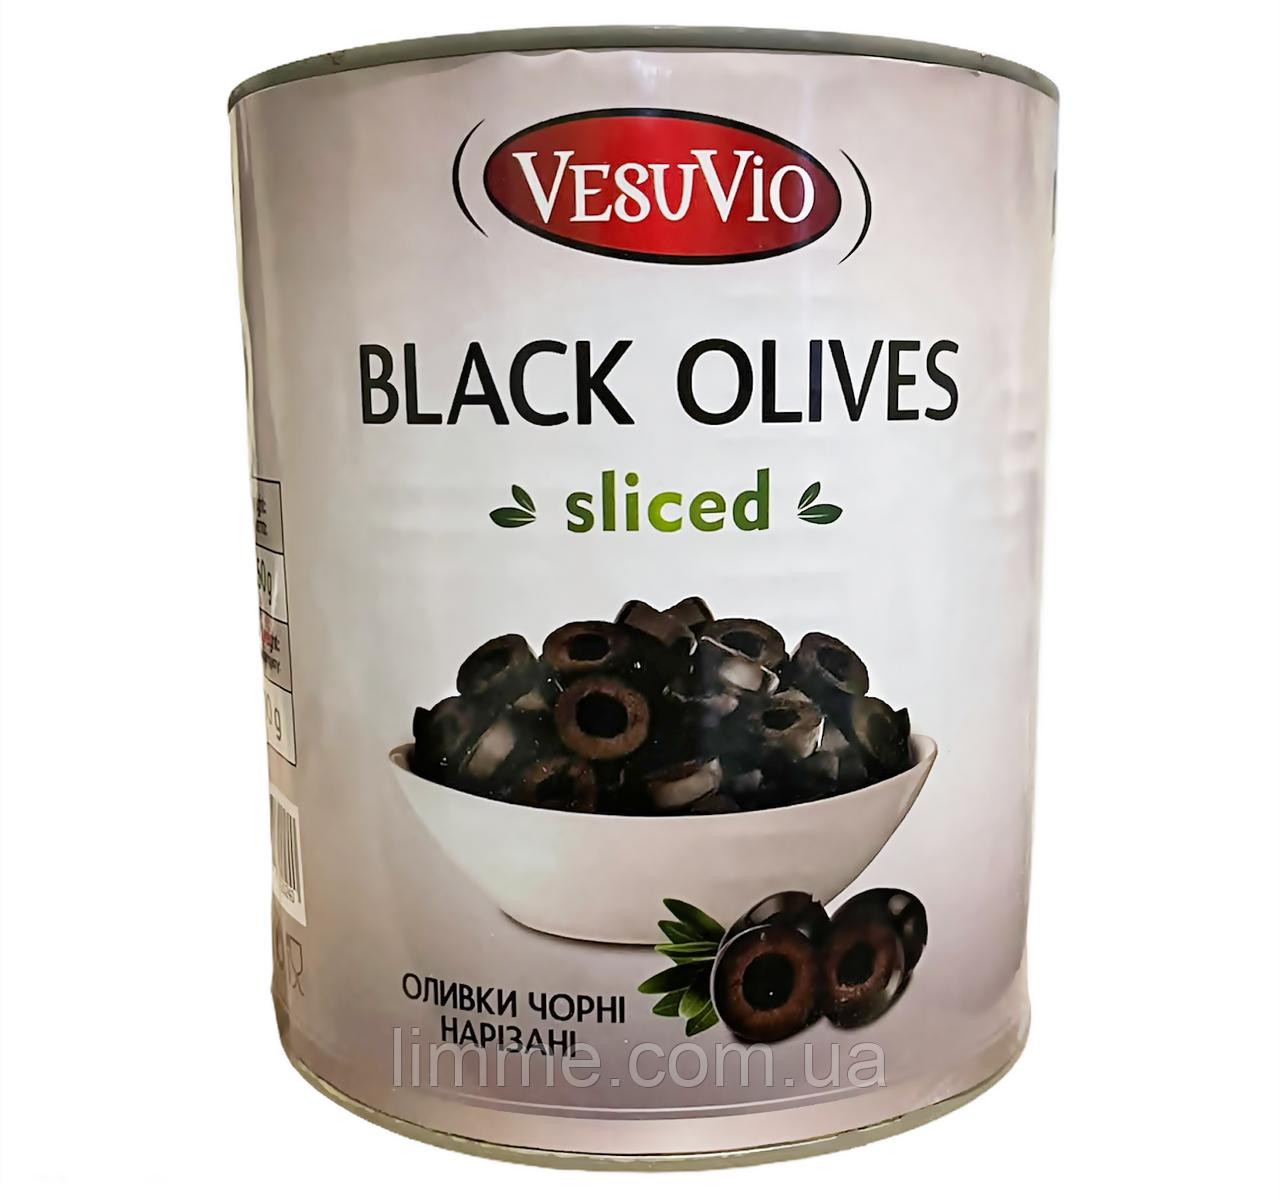 Оливки чорні нарізані VesuVio Black Olives 3050 г